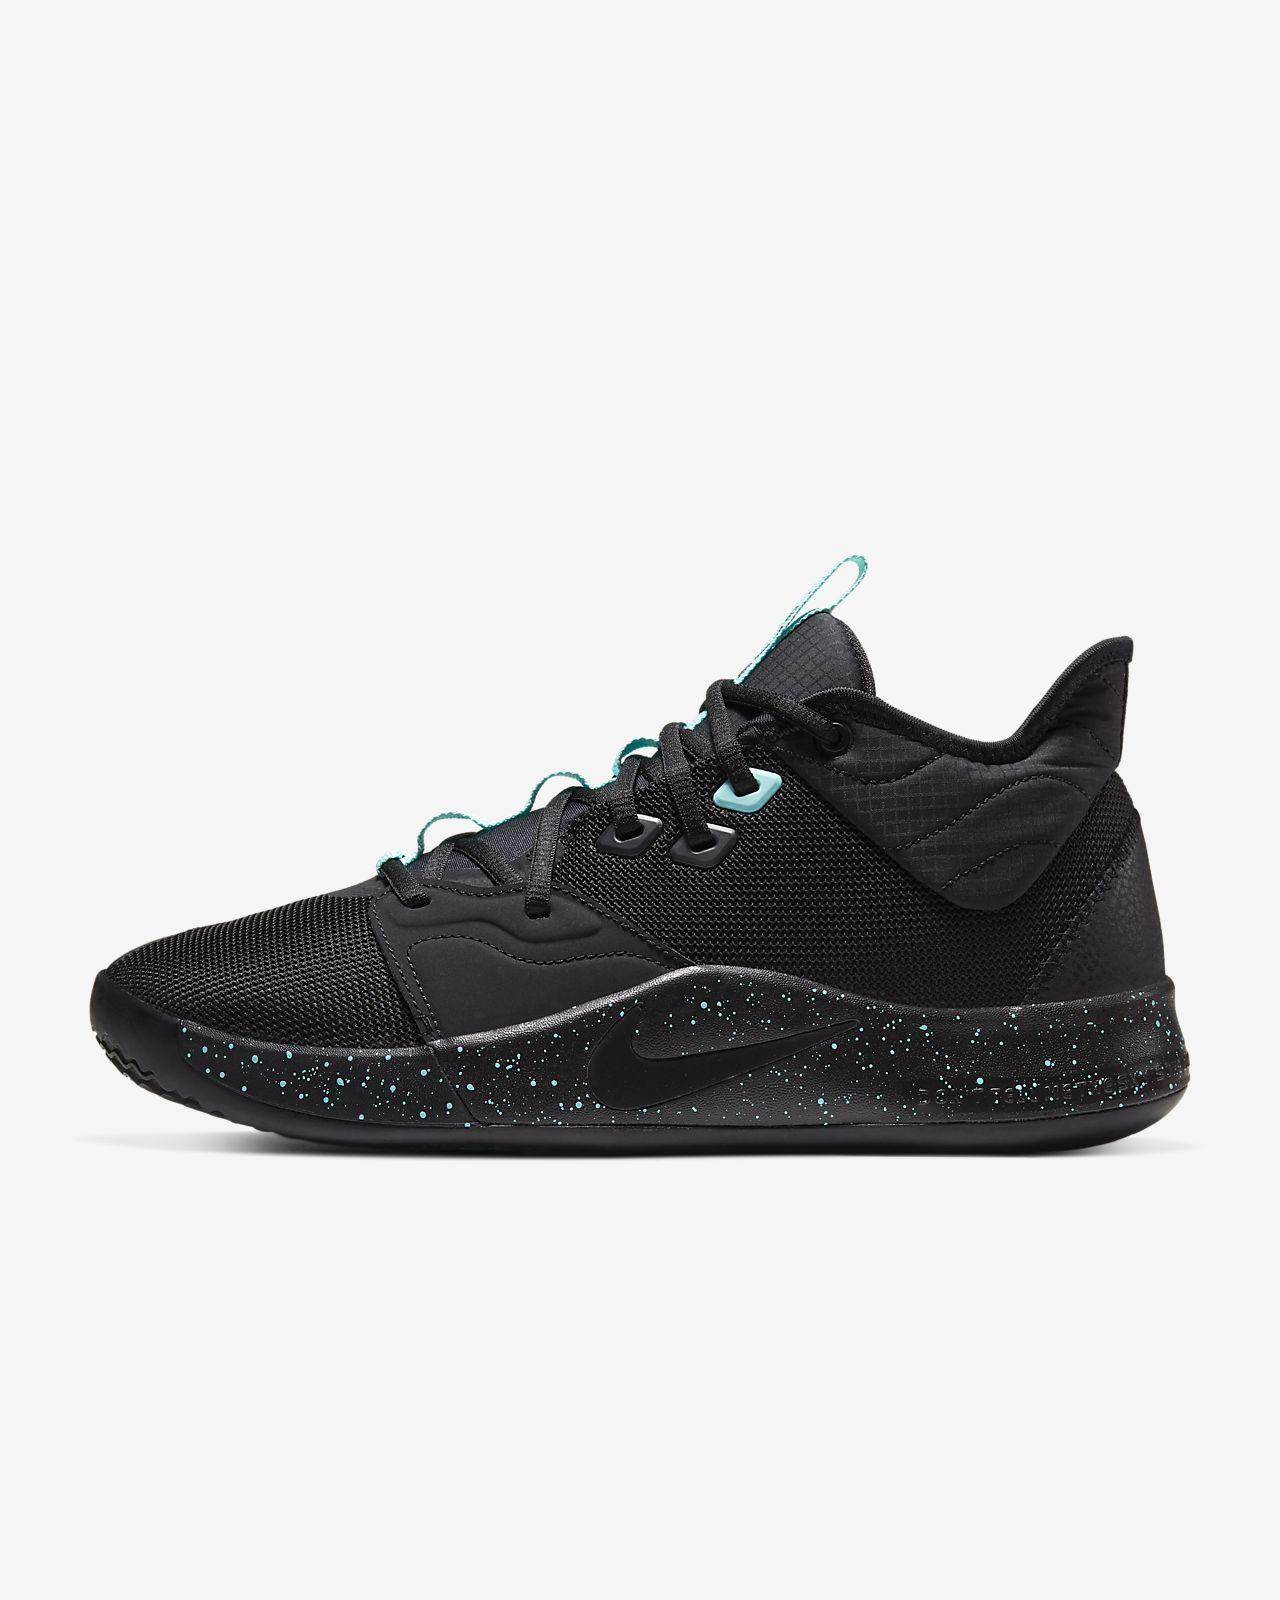 PG 3 Basketball Shoe